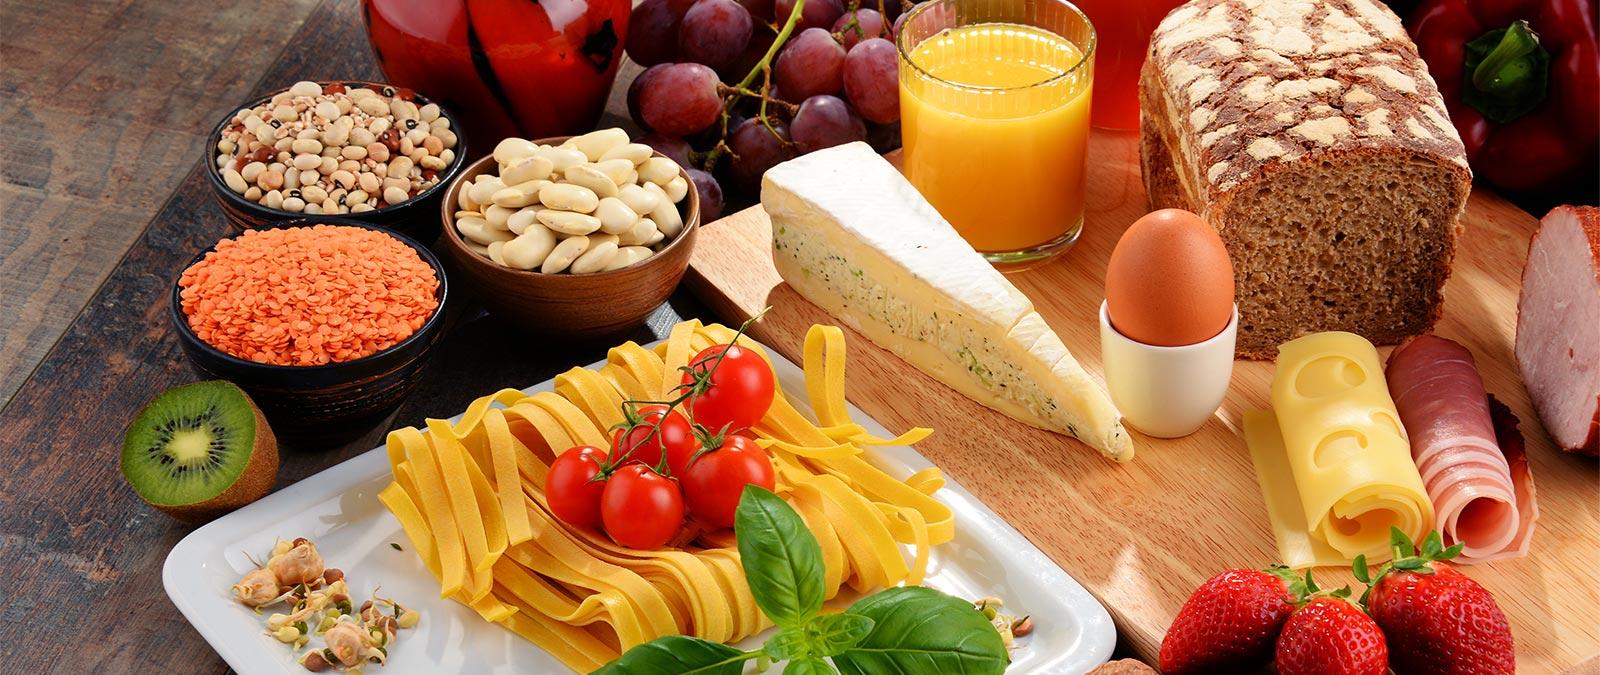 Bestbuy Maldives Food & Beverage supplier